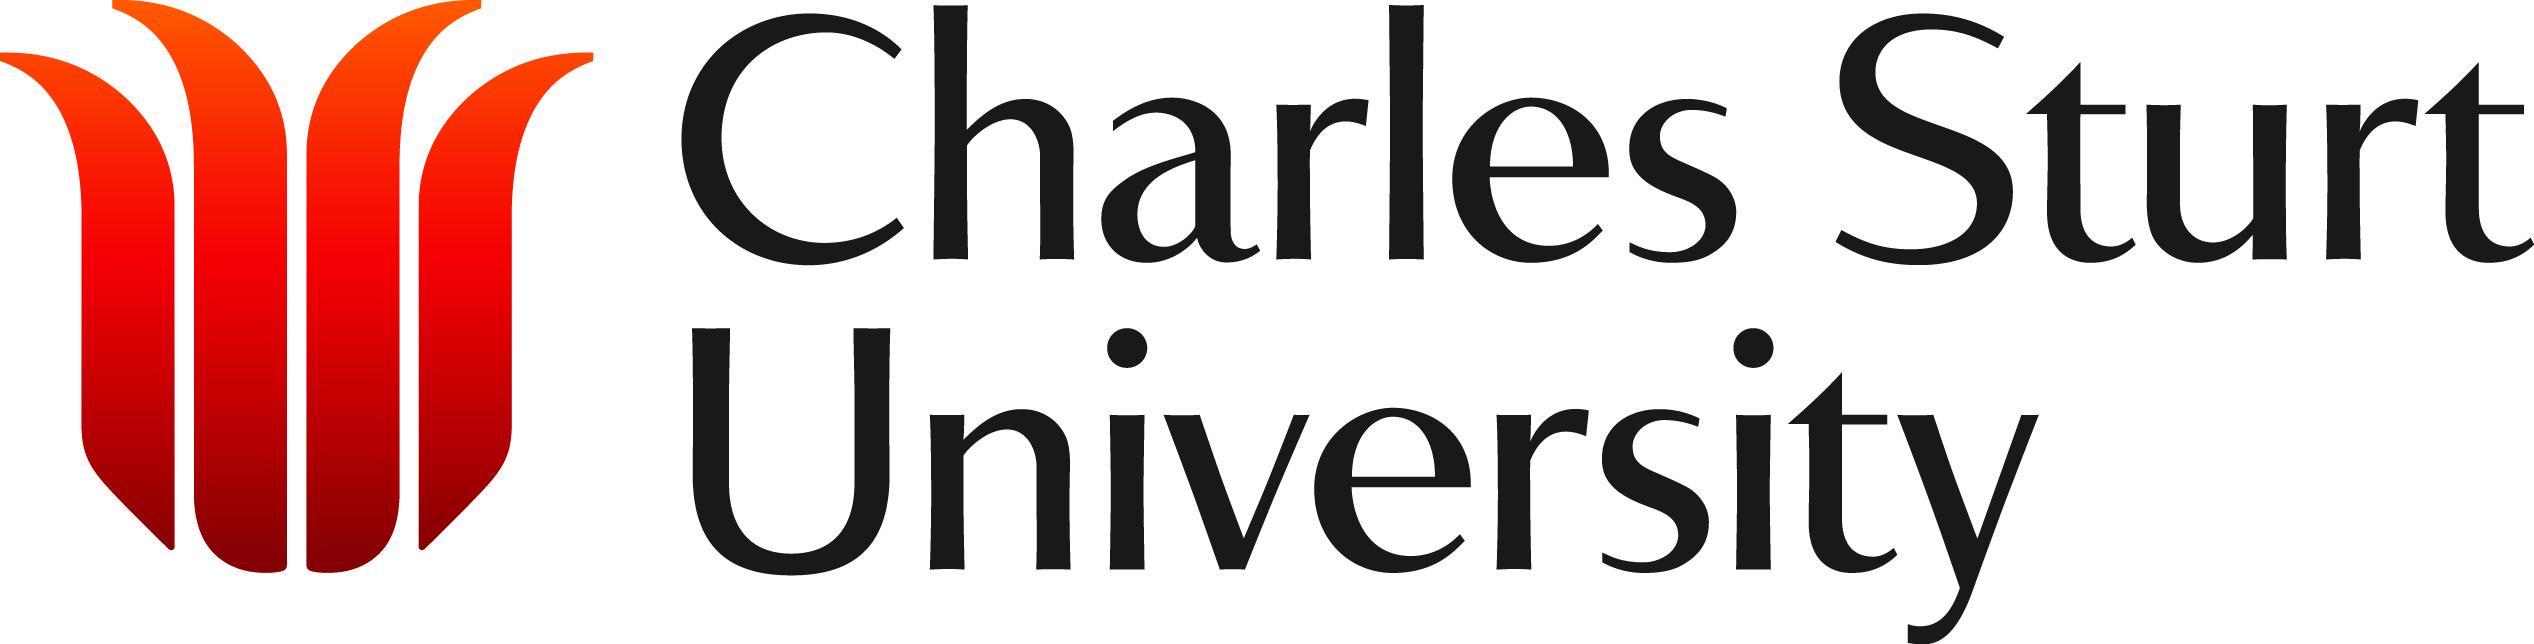 University of Charley Sturt